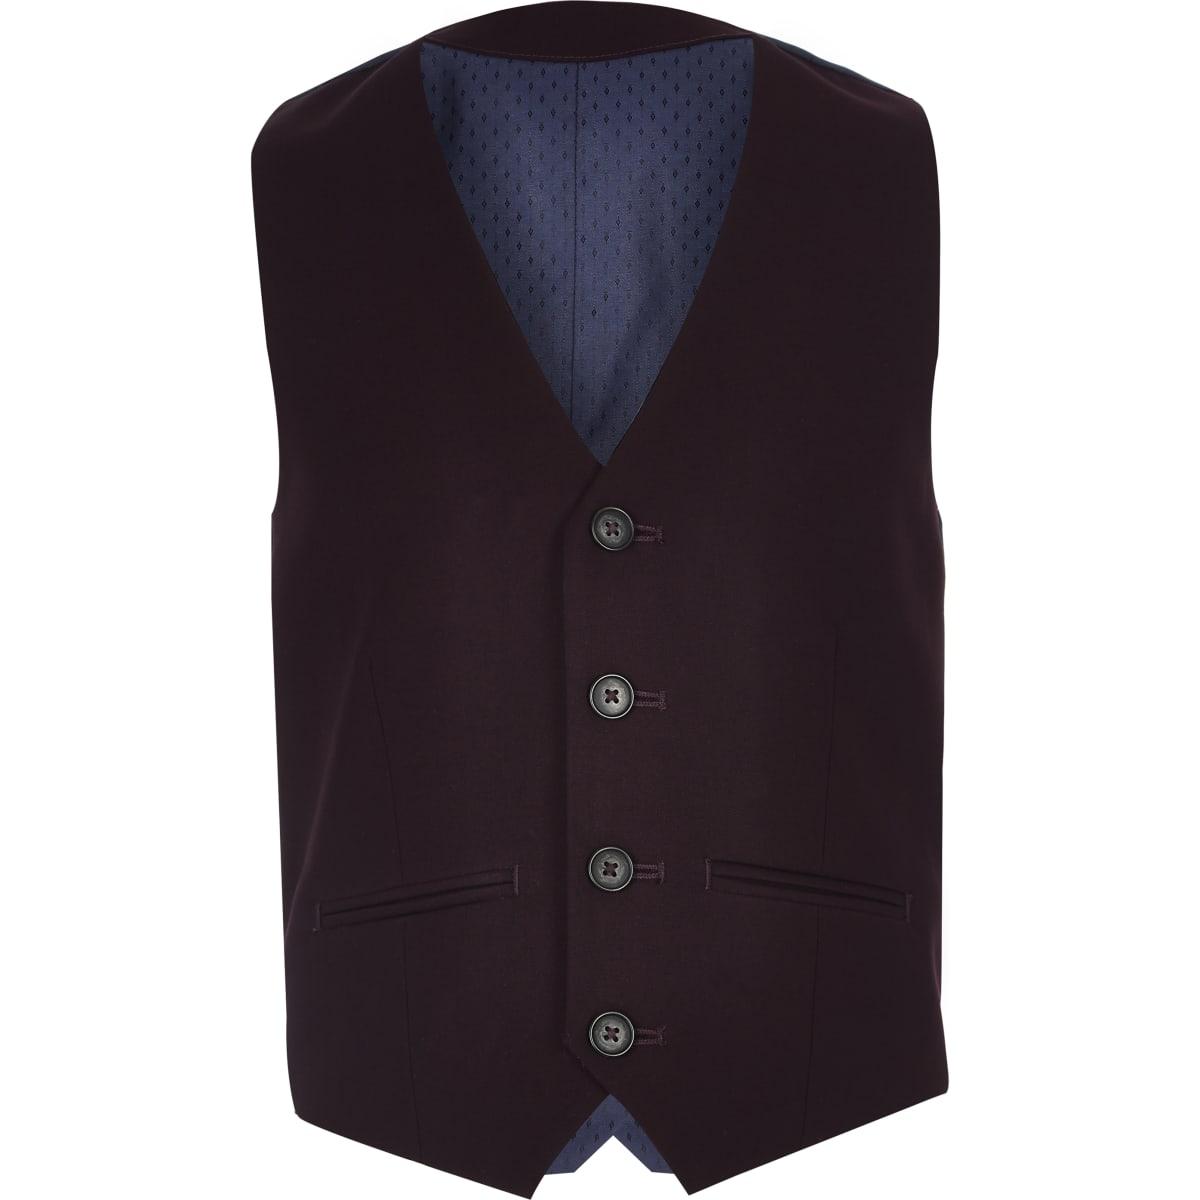 Boys purple suit vest